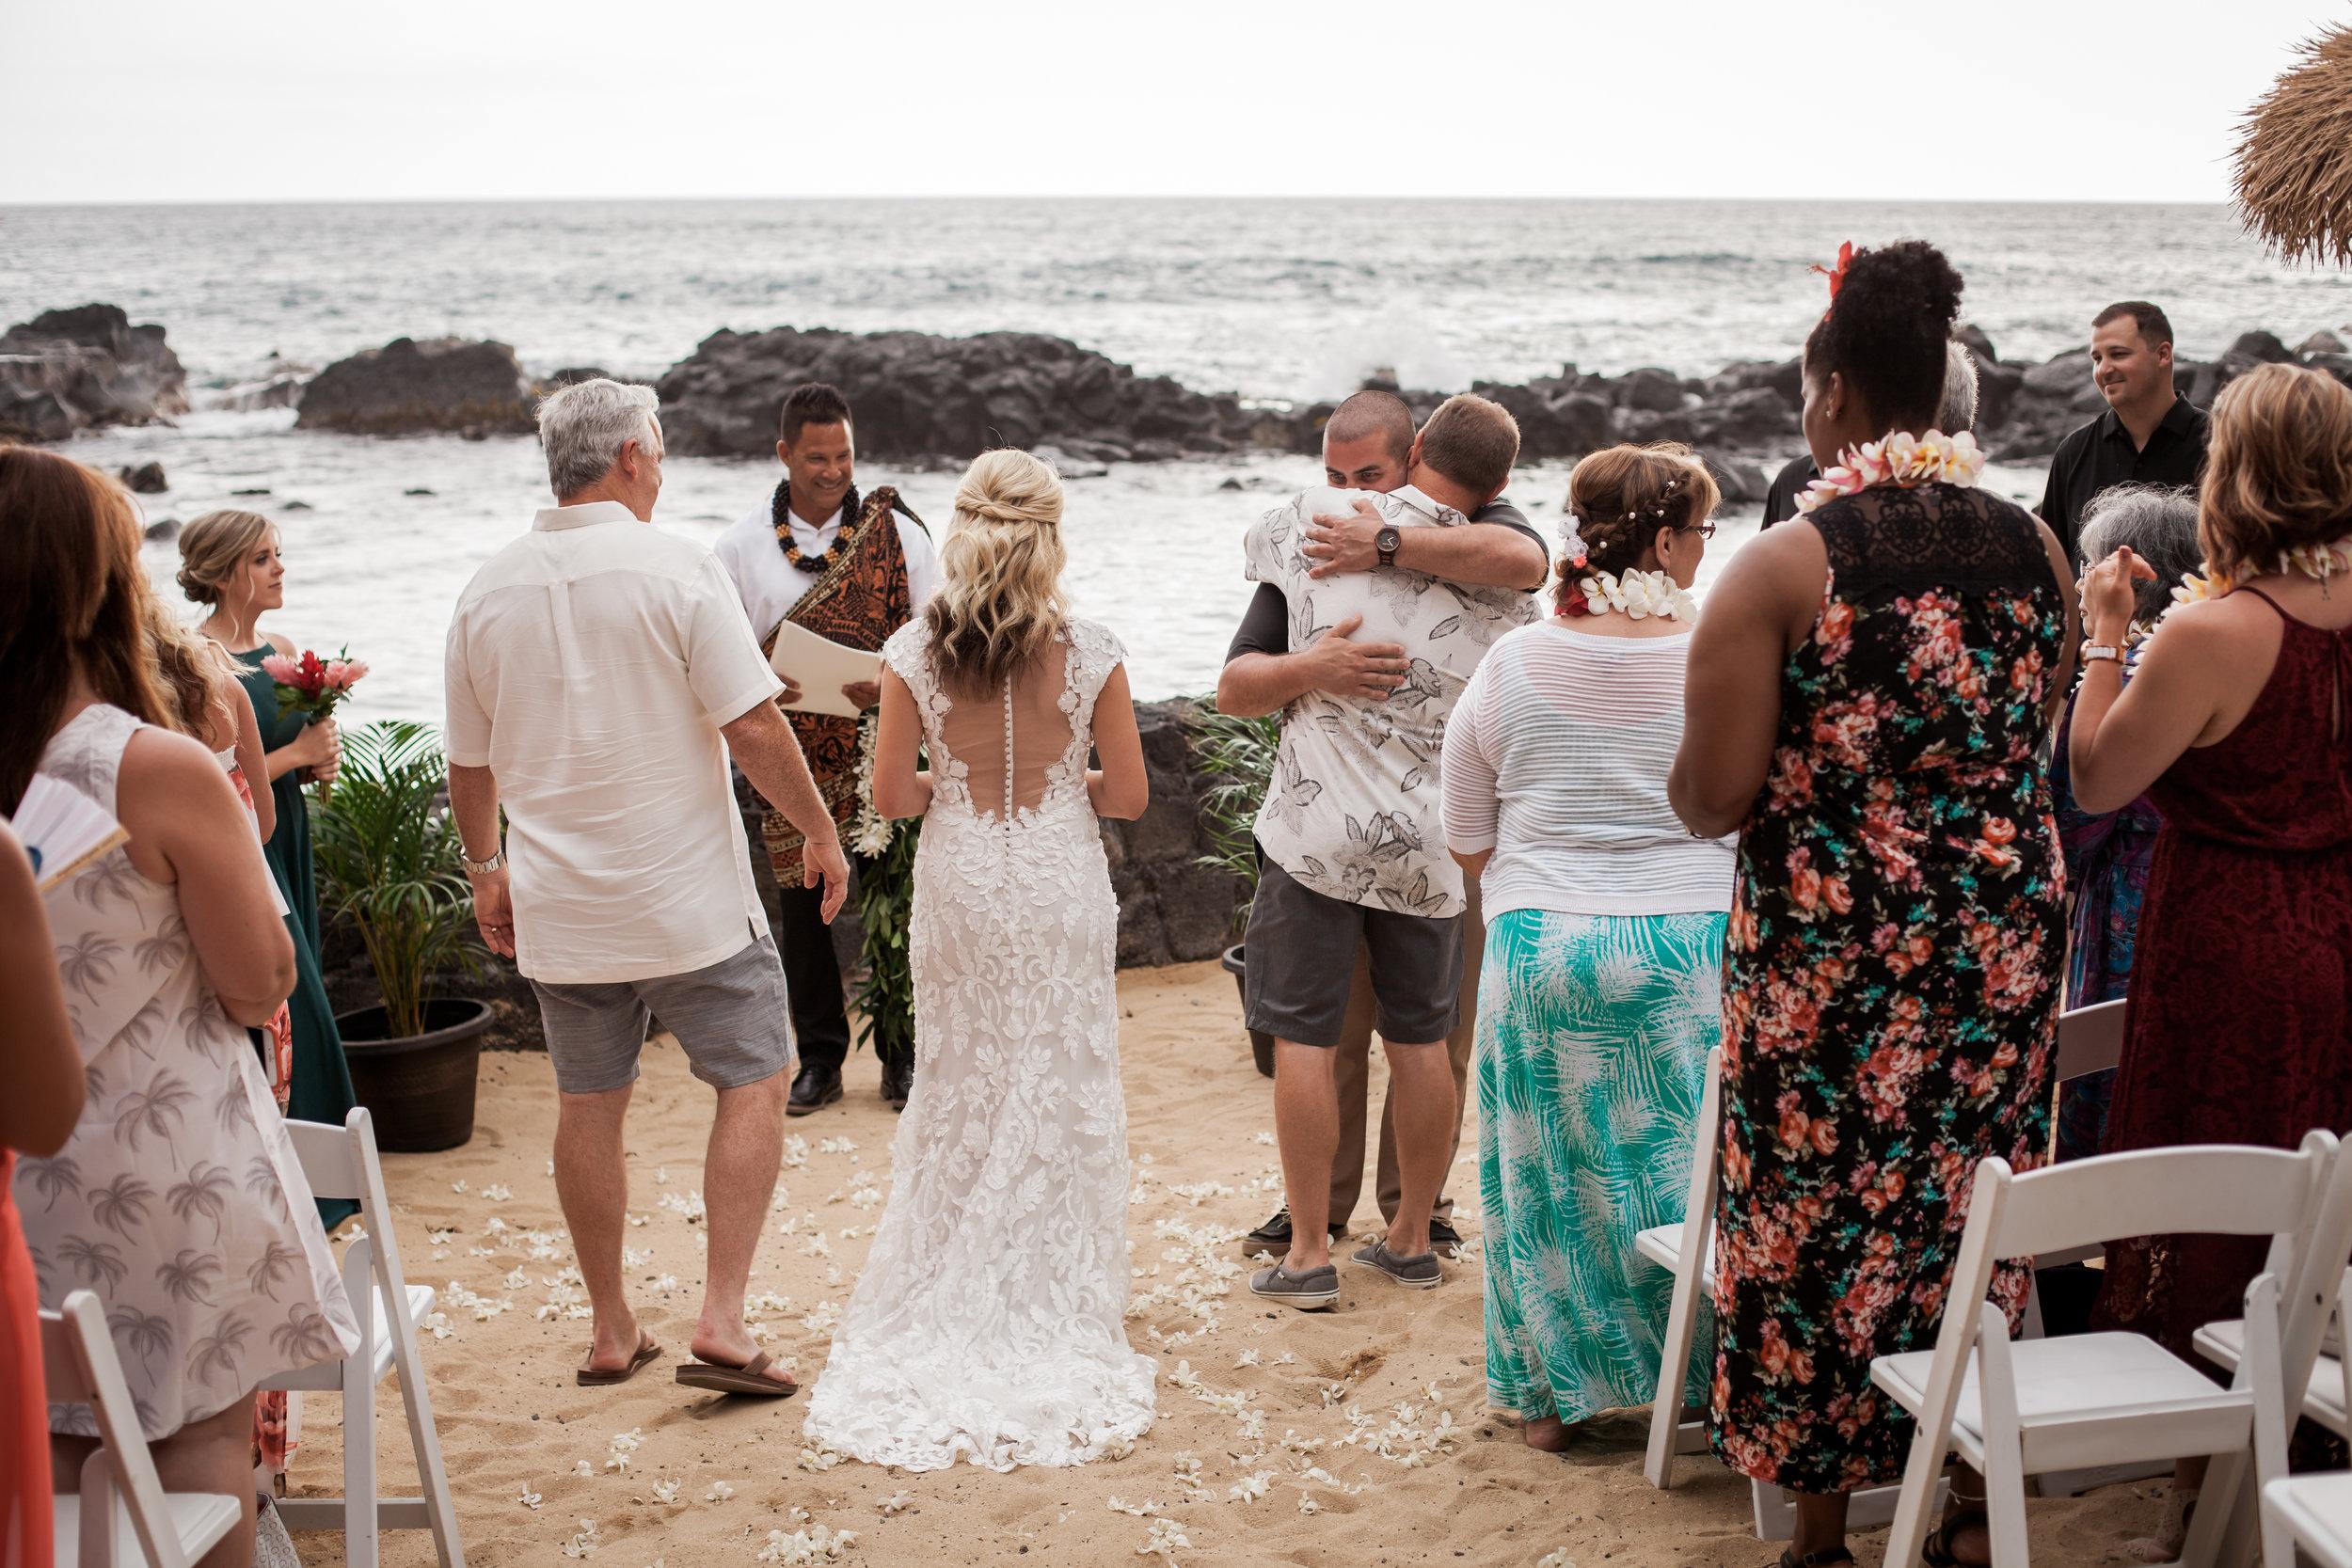 big island hawaii royal kona resort beach wedding © kelilina photography 20170520165253.jpg